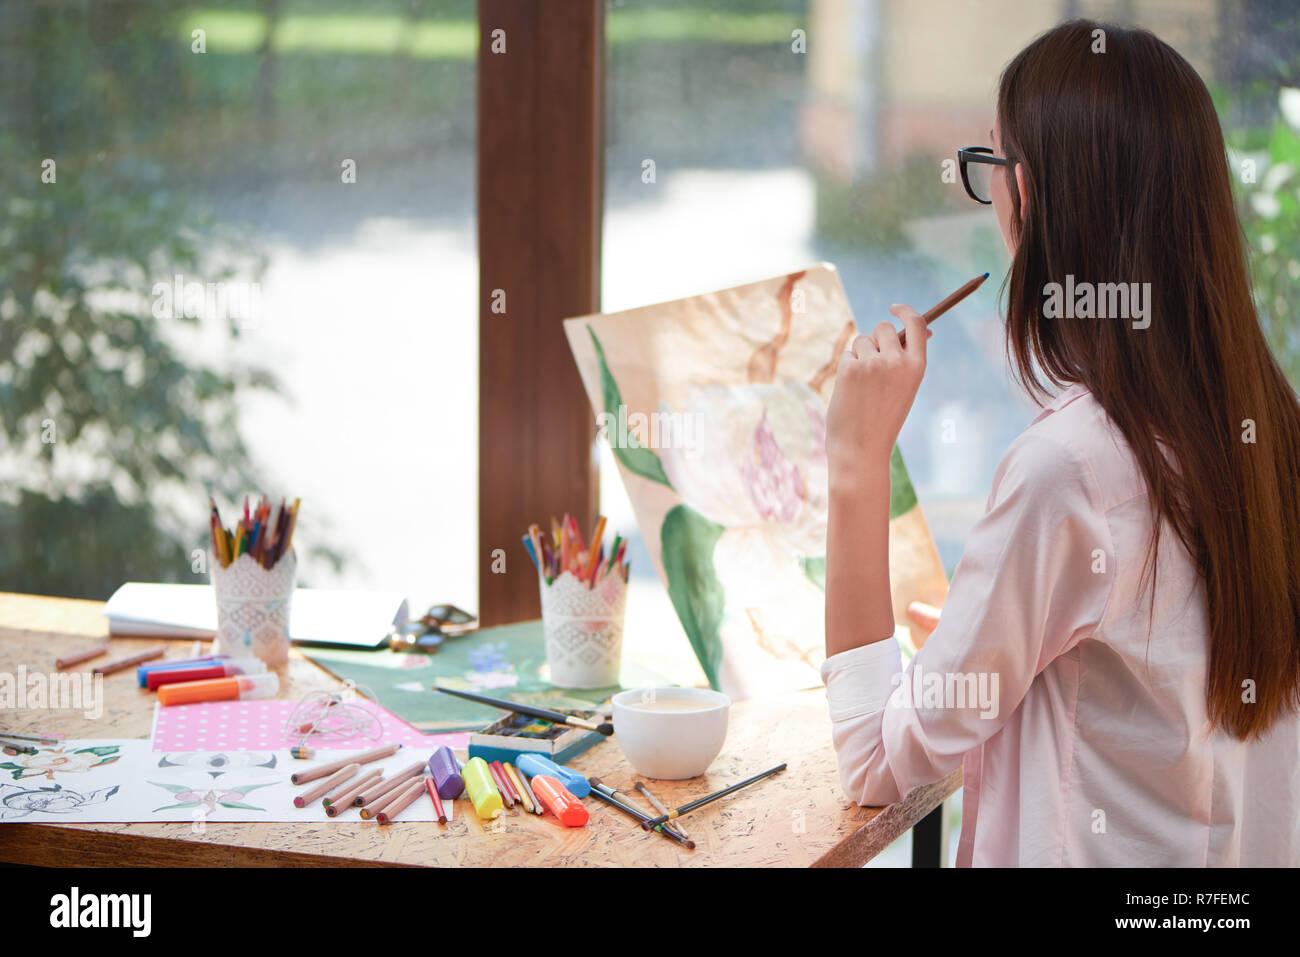 Jeune artiste à photo de fleur et la pensée. Méconnaissable woman holding crayon en main. Fille assise à table avec les fournitures du peintre comme marqueurs, brosses et feuilles de papier. Banque D'Images